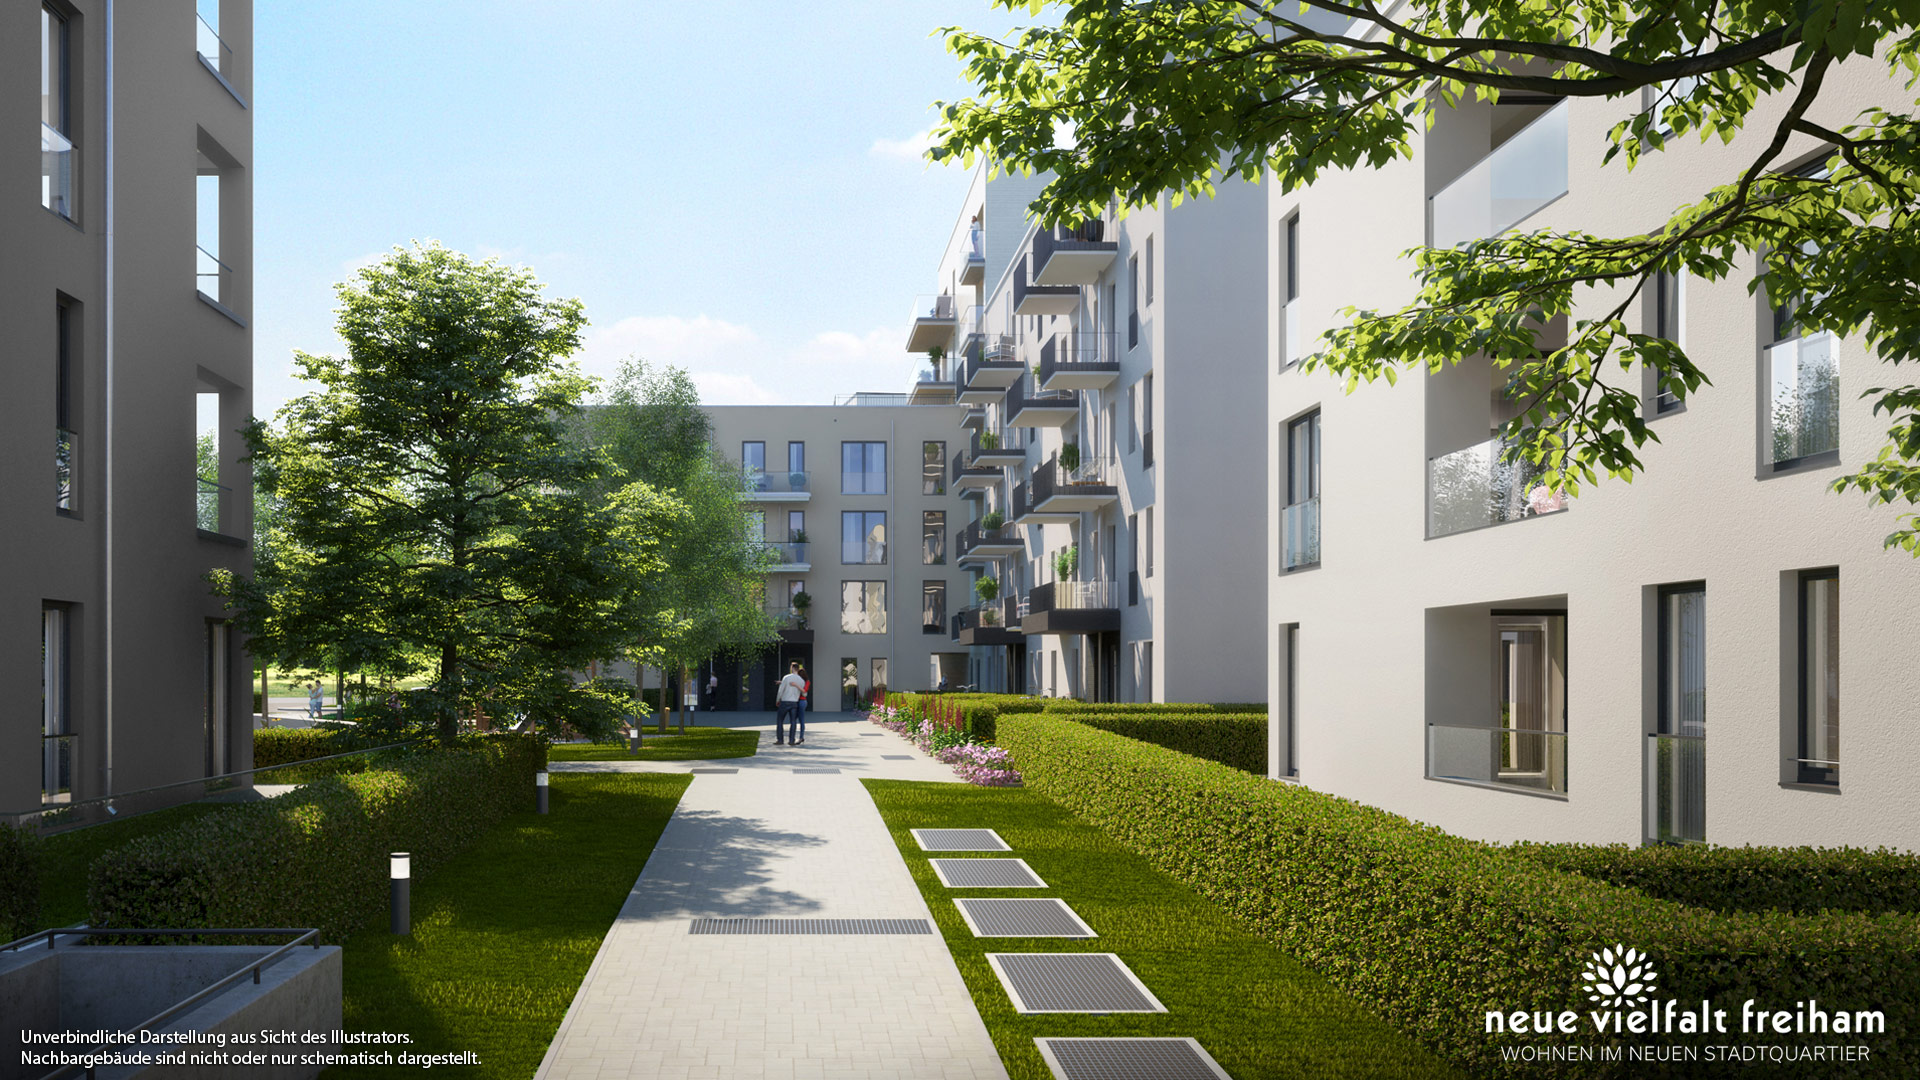 Immobilie Neue Vielfalt Freiham - Illustration 3